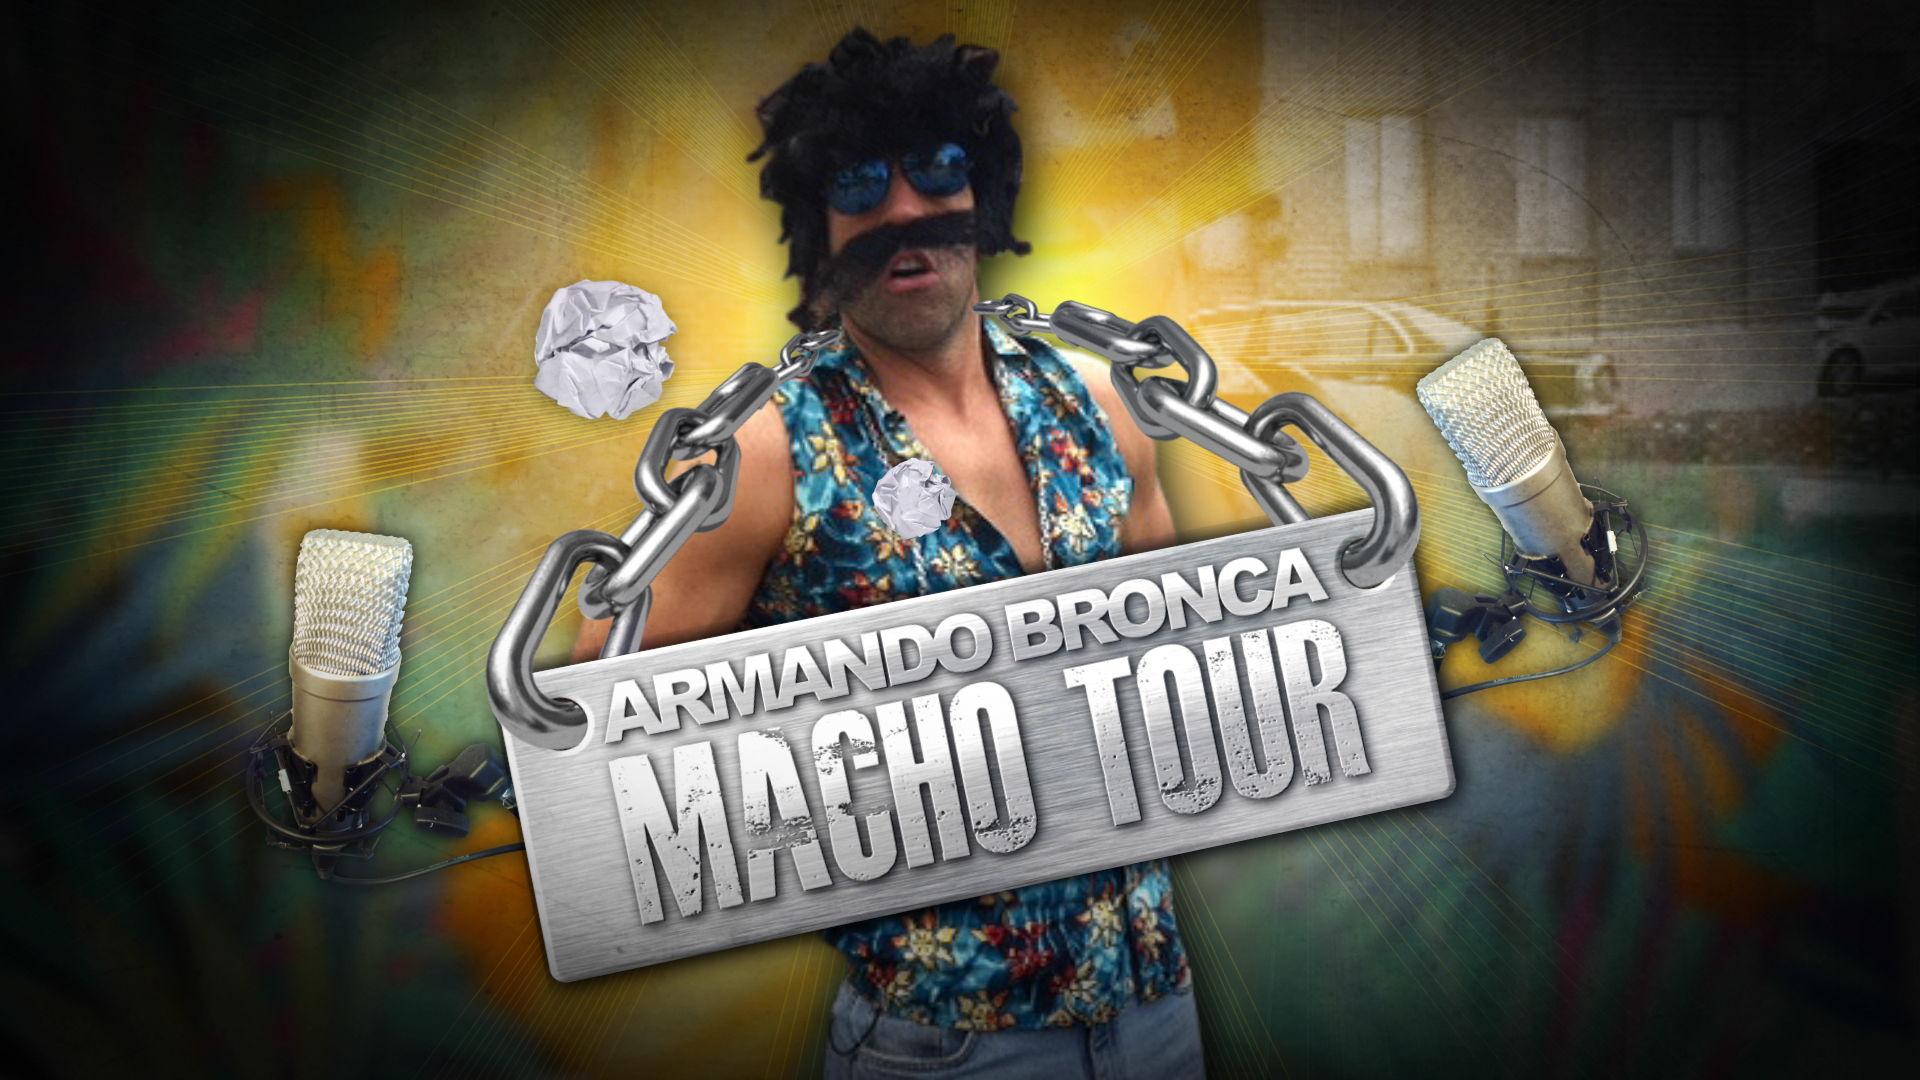 Armando Bronca